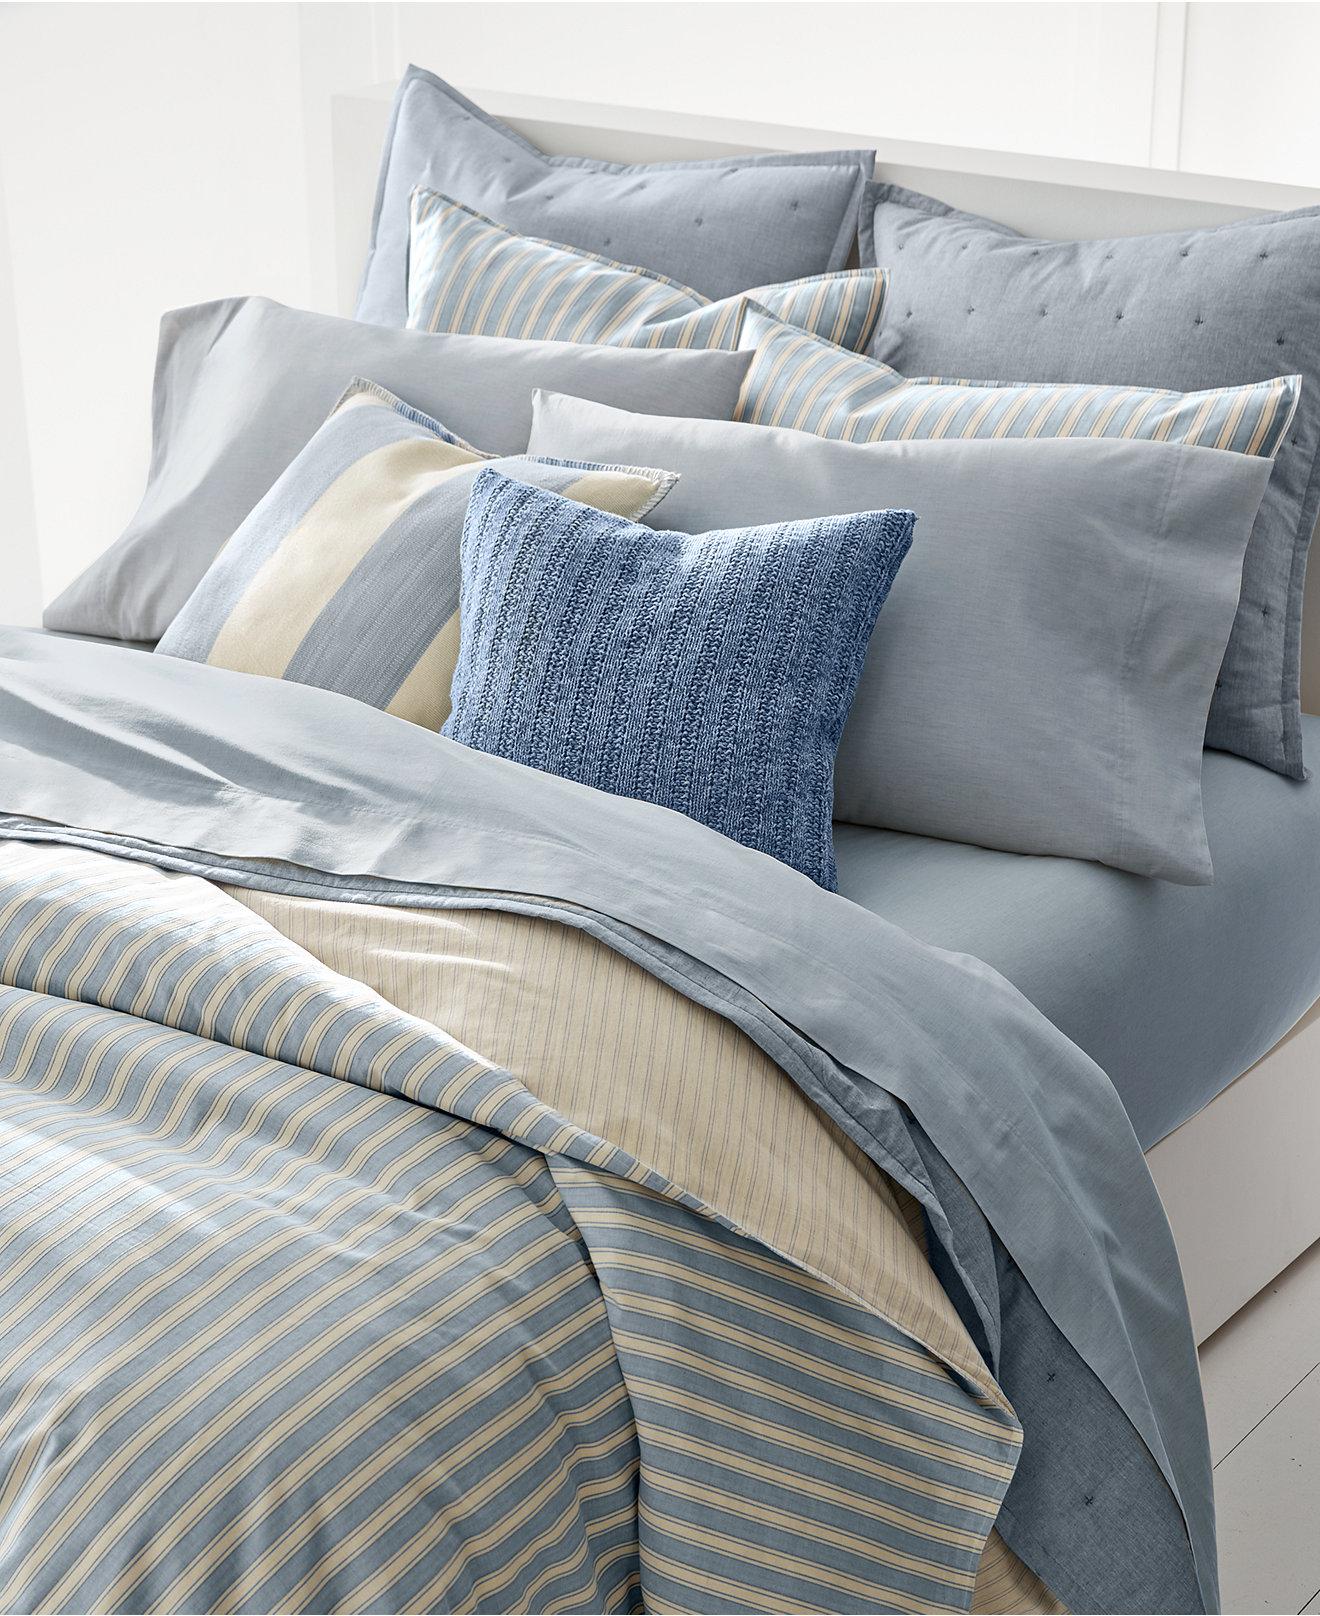 duvet covers  macy's - lauren ralph lauren graydon bold stripe duvet covers